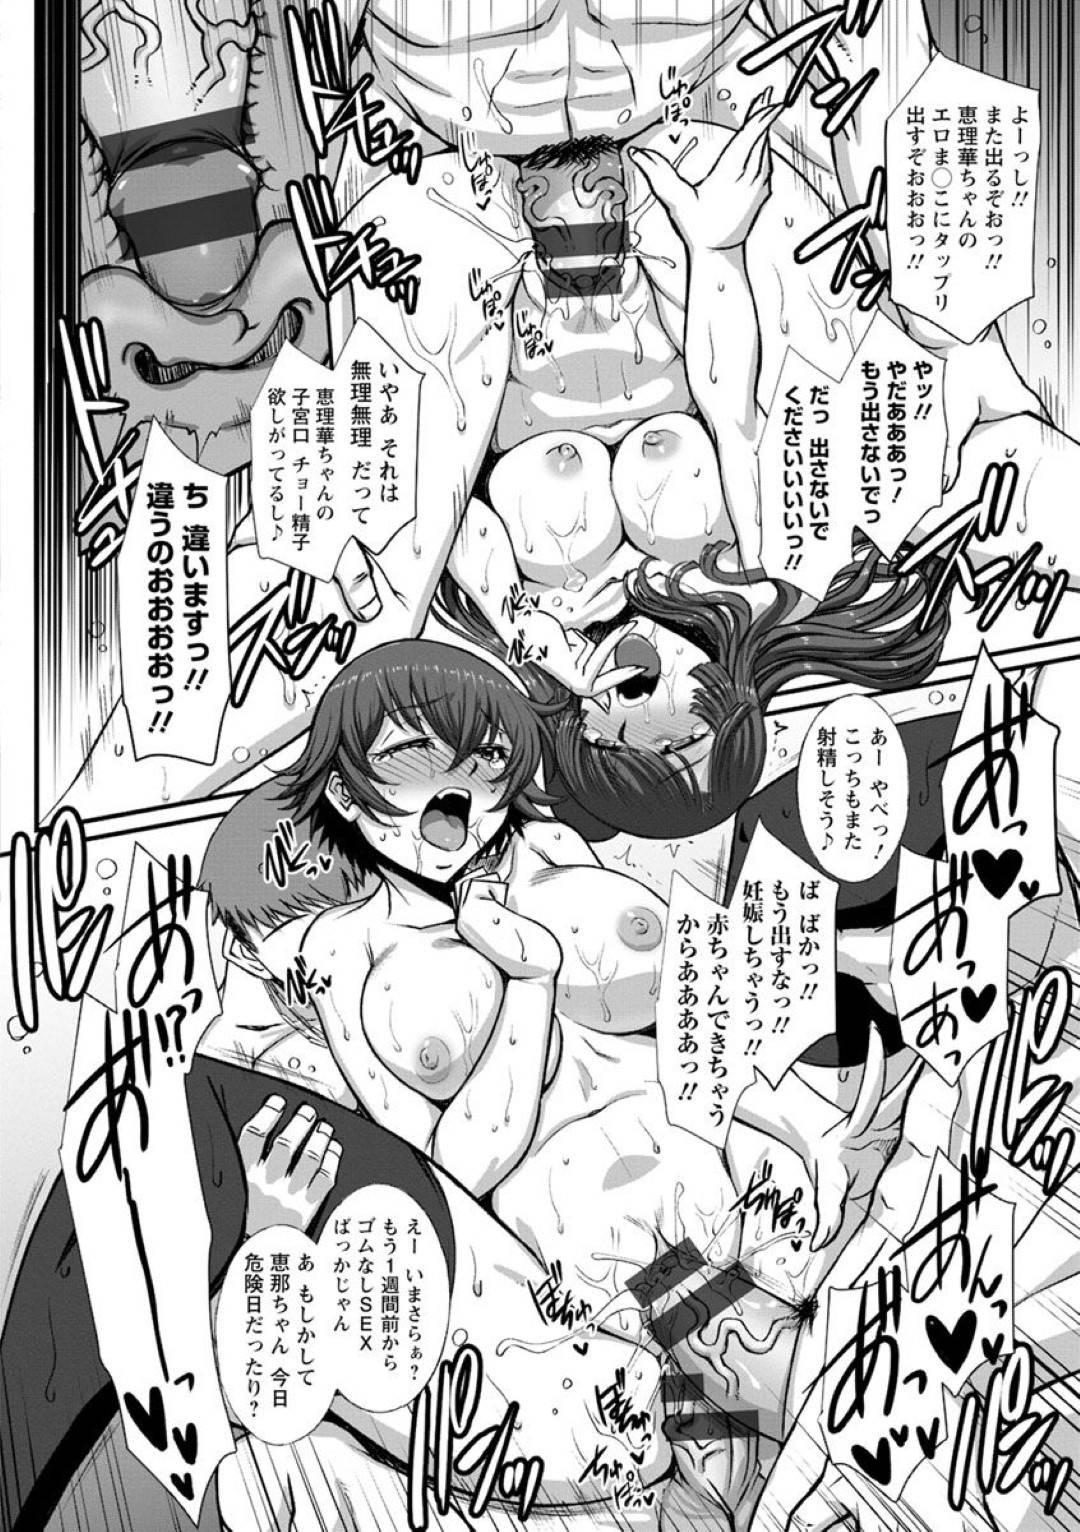 【姉妹丼エロ漫画】酔った姉妹は睡眠姦をされている所を映像に撮られ弱みを握られると、男達に乱交中出しセックスで犯されオナホ堕ち【B-RIVER】